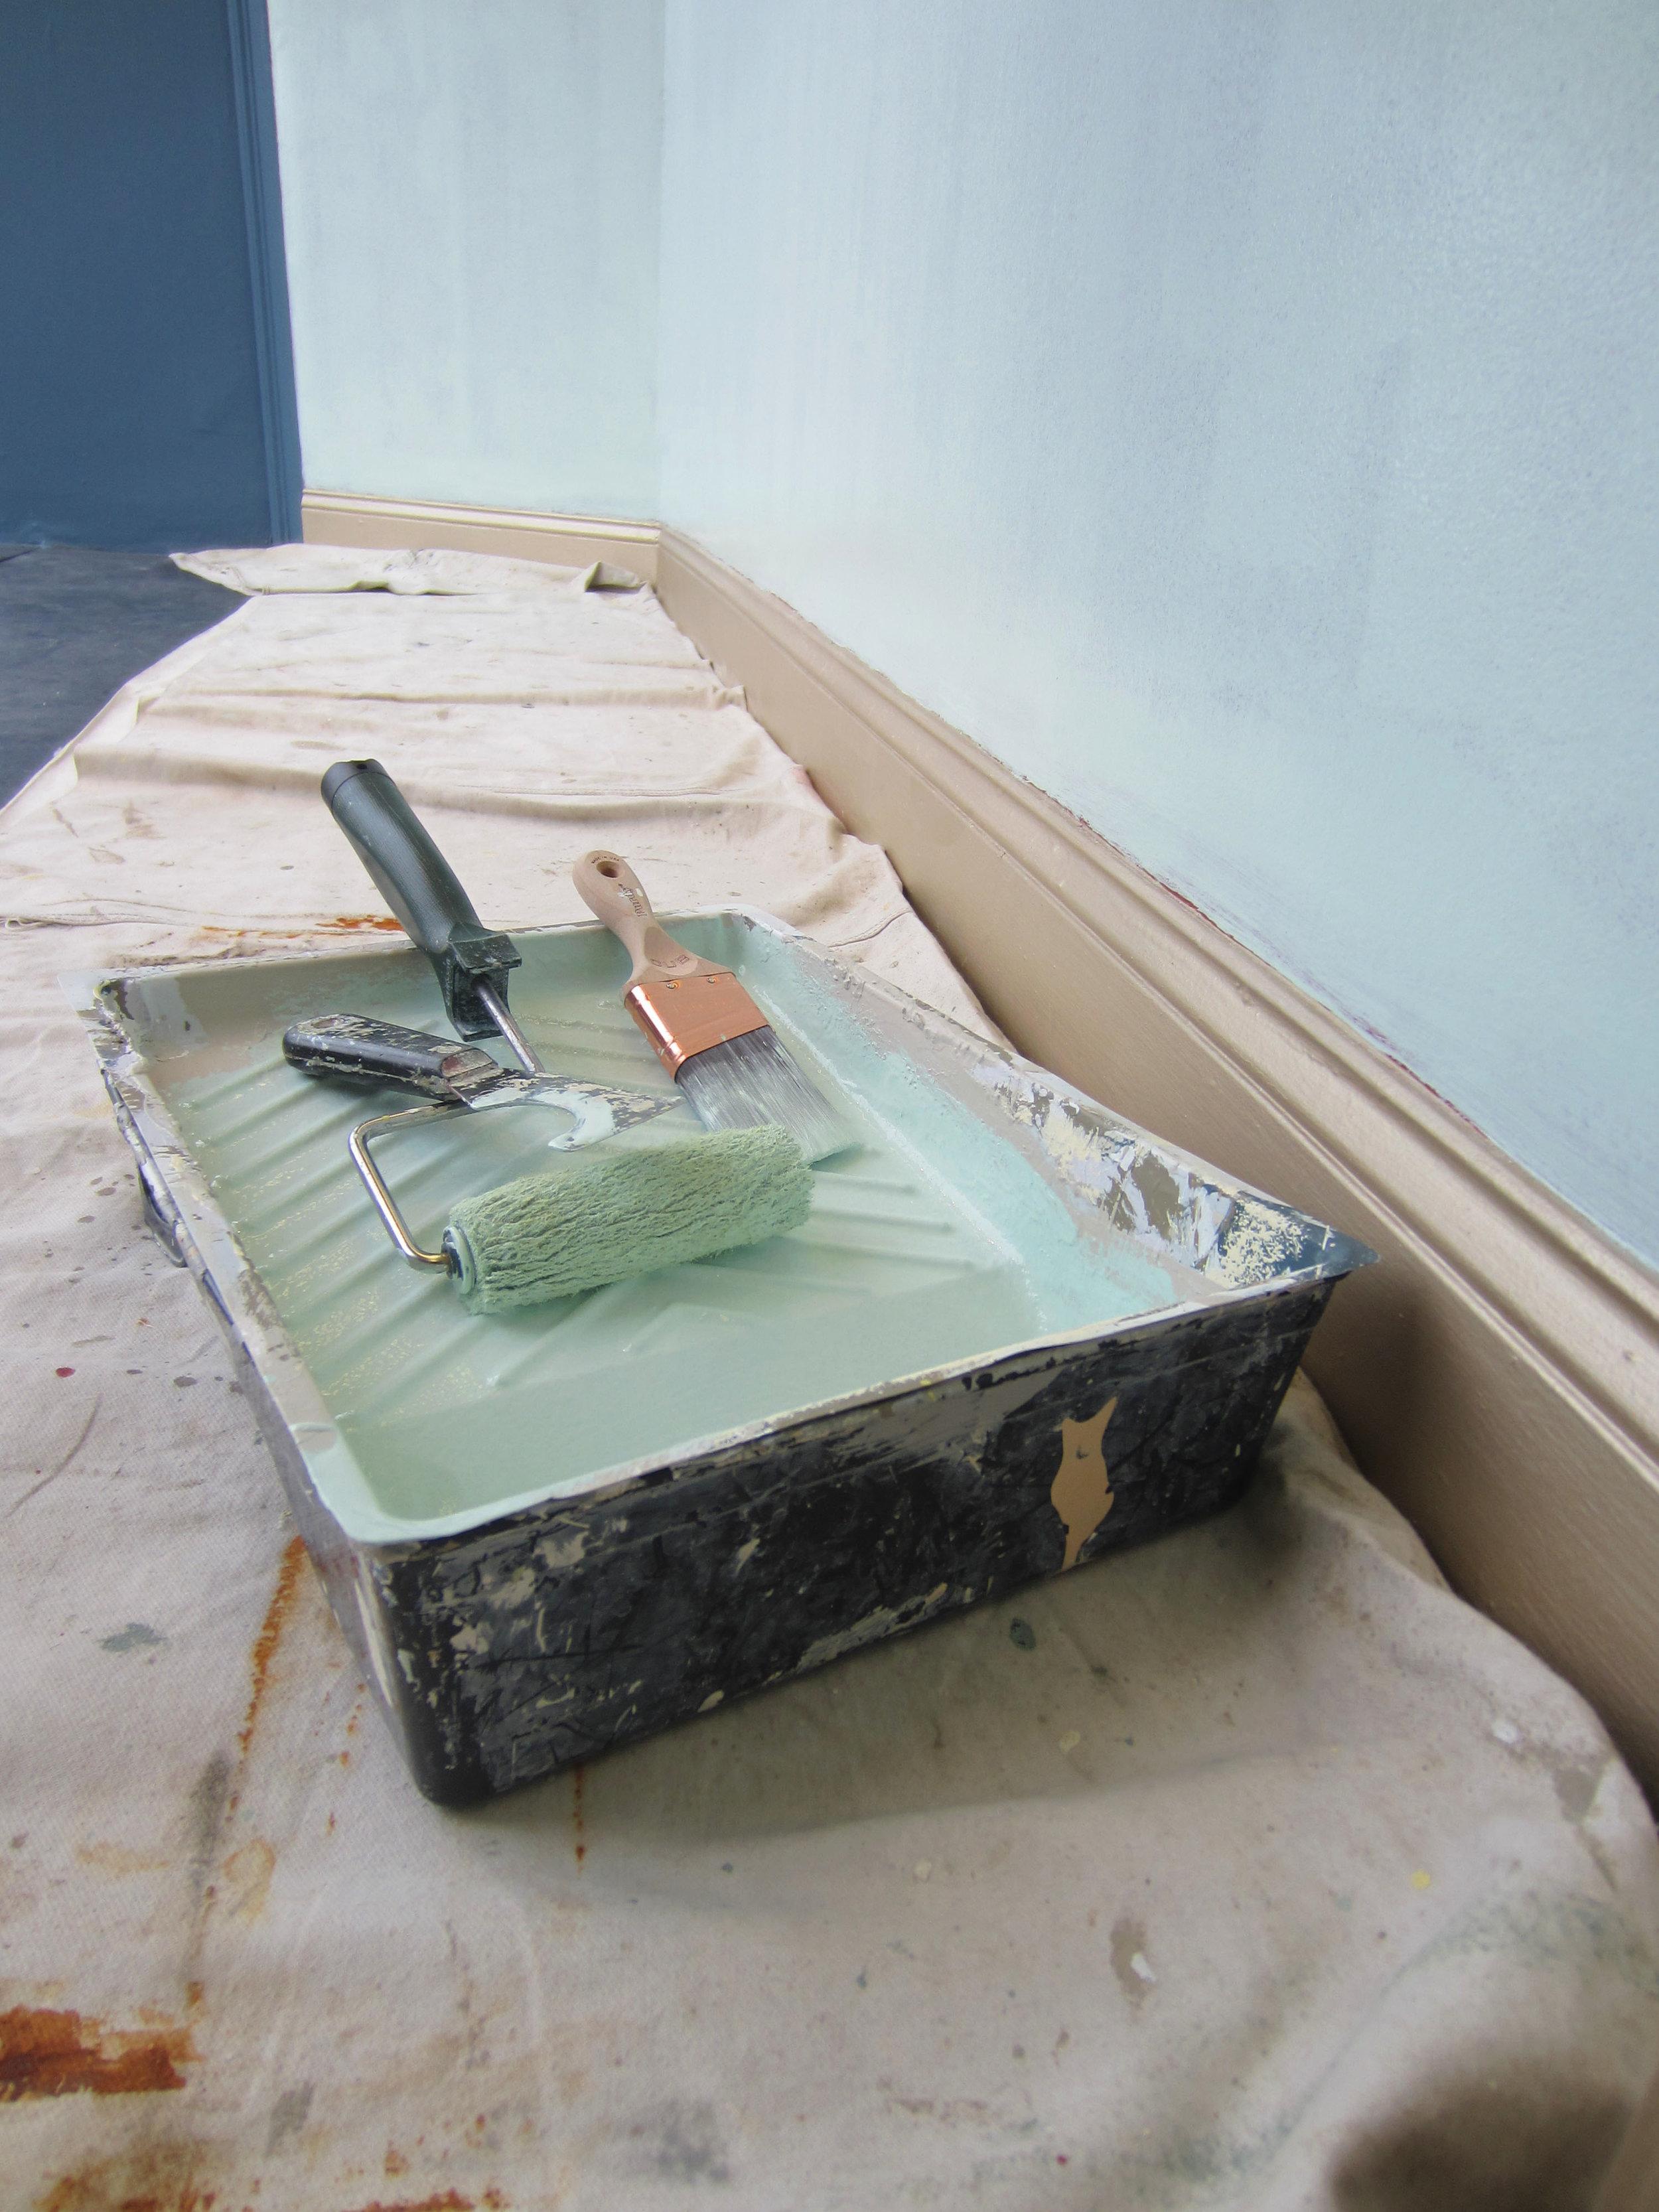 Paint roller in paint pail